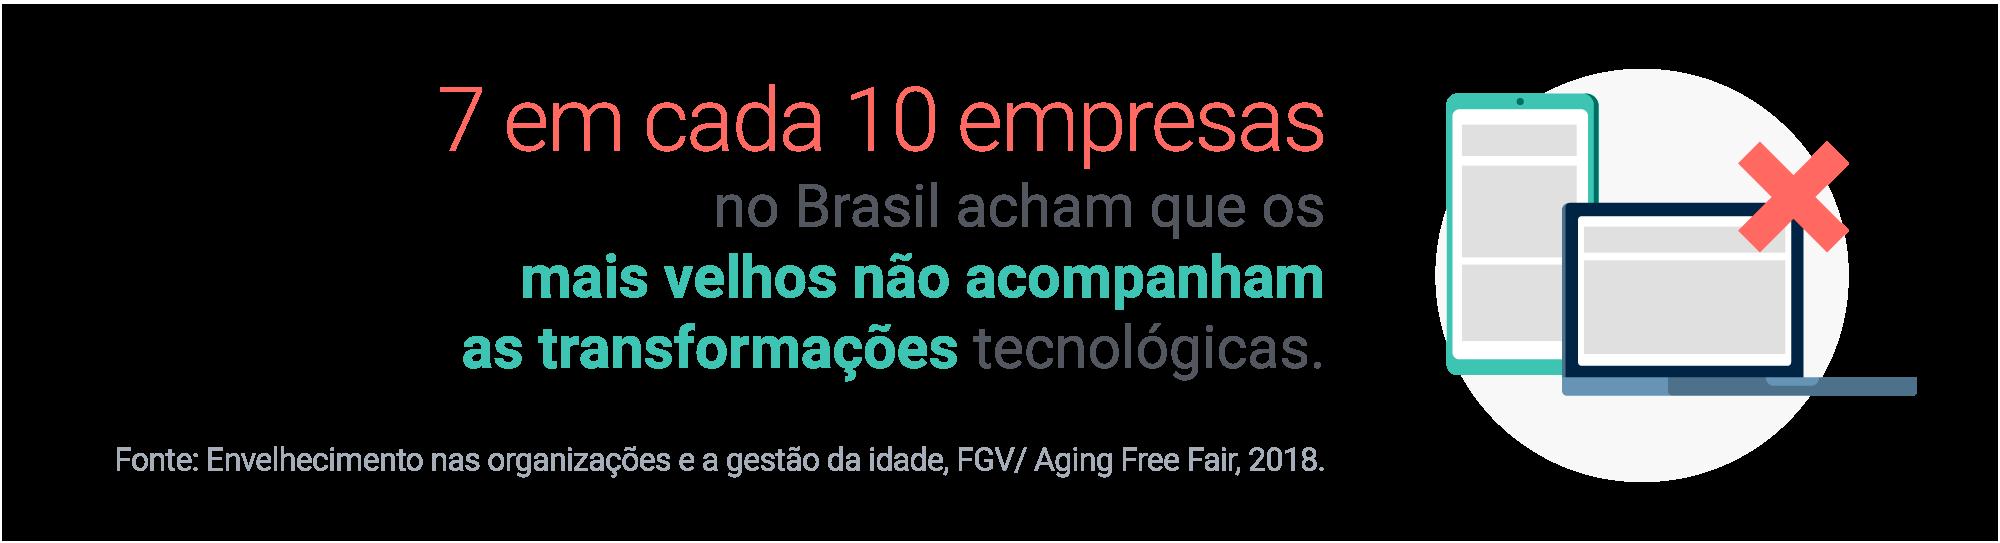 7 em cada 10 empresas no Brasil acham que os mais velhos não acompanham as transformações tecnológicas. Fonte: Envelhecimento nas organizações e a gestão da idade, FGV/Aging Free Fair, 2018.